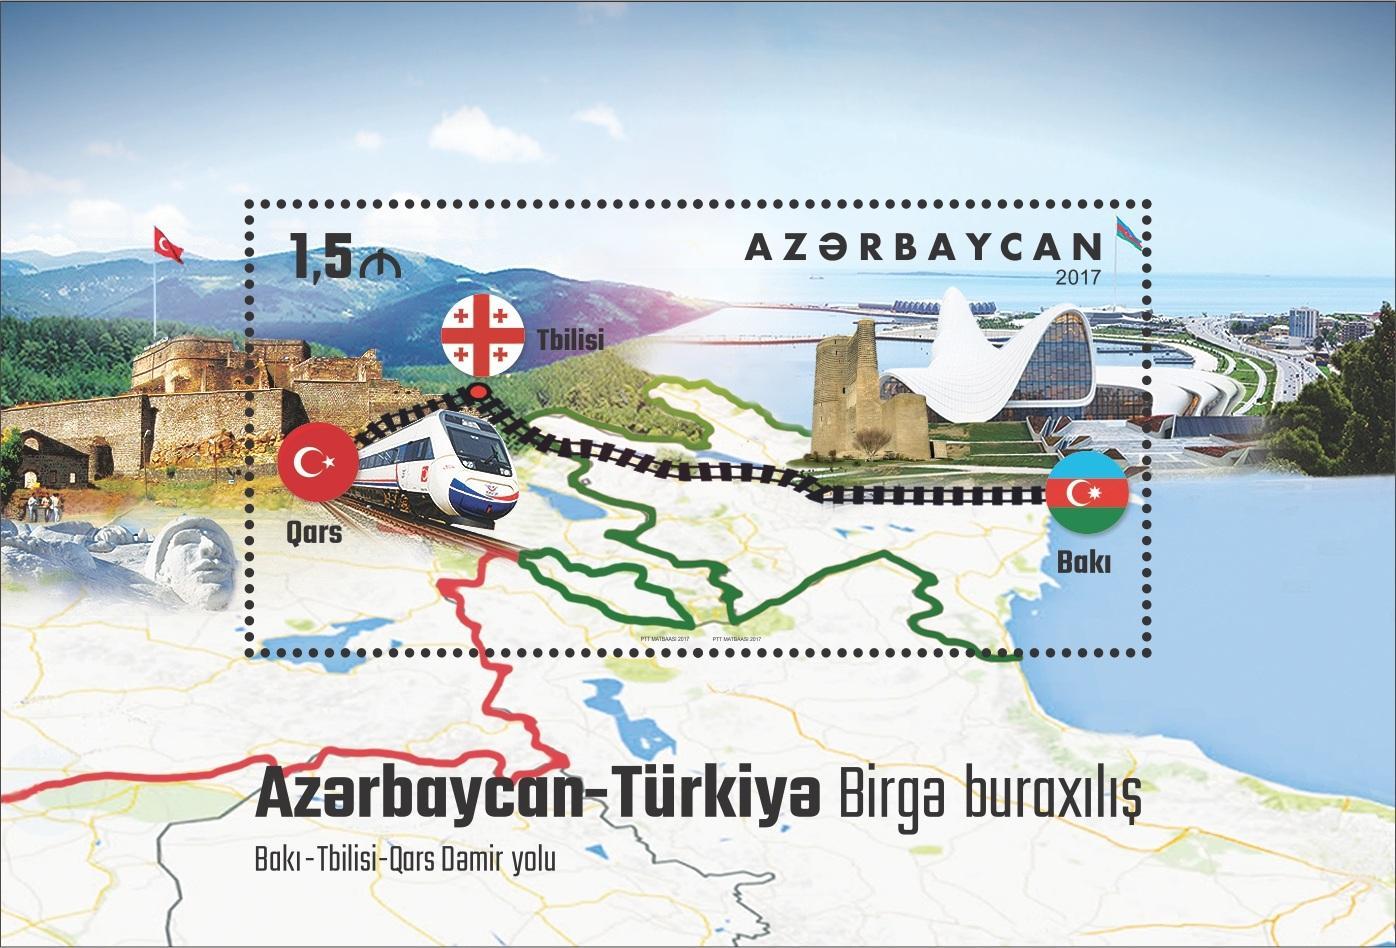 Выпущена почтовая марка в честь запуска железной дороги Баку-Тбилиси-Карс